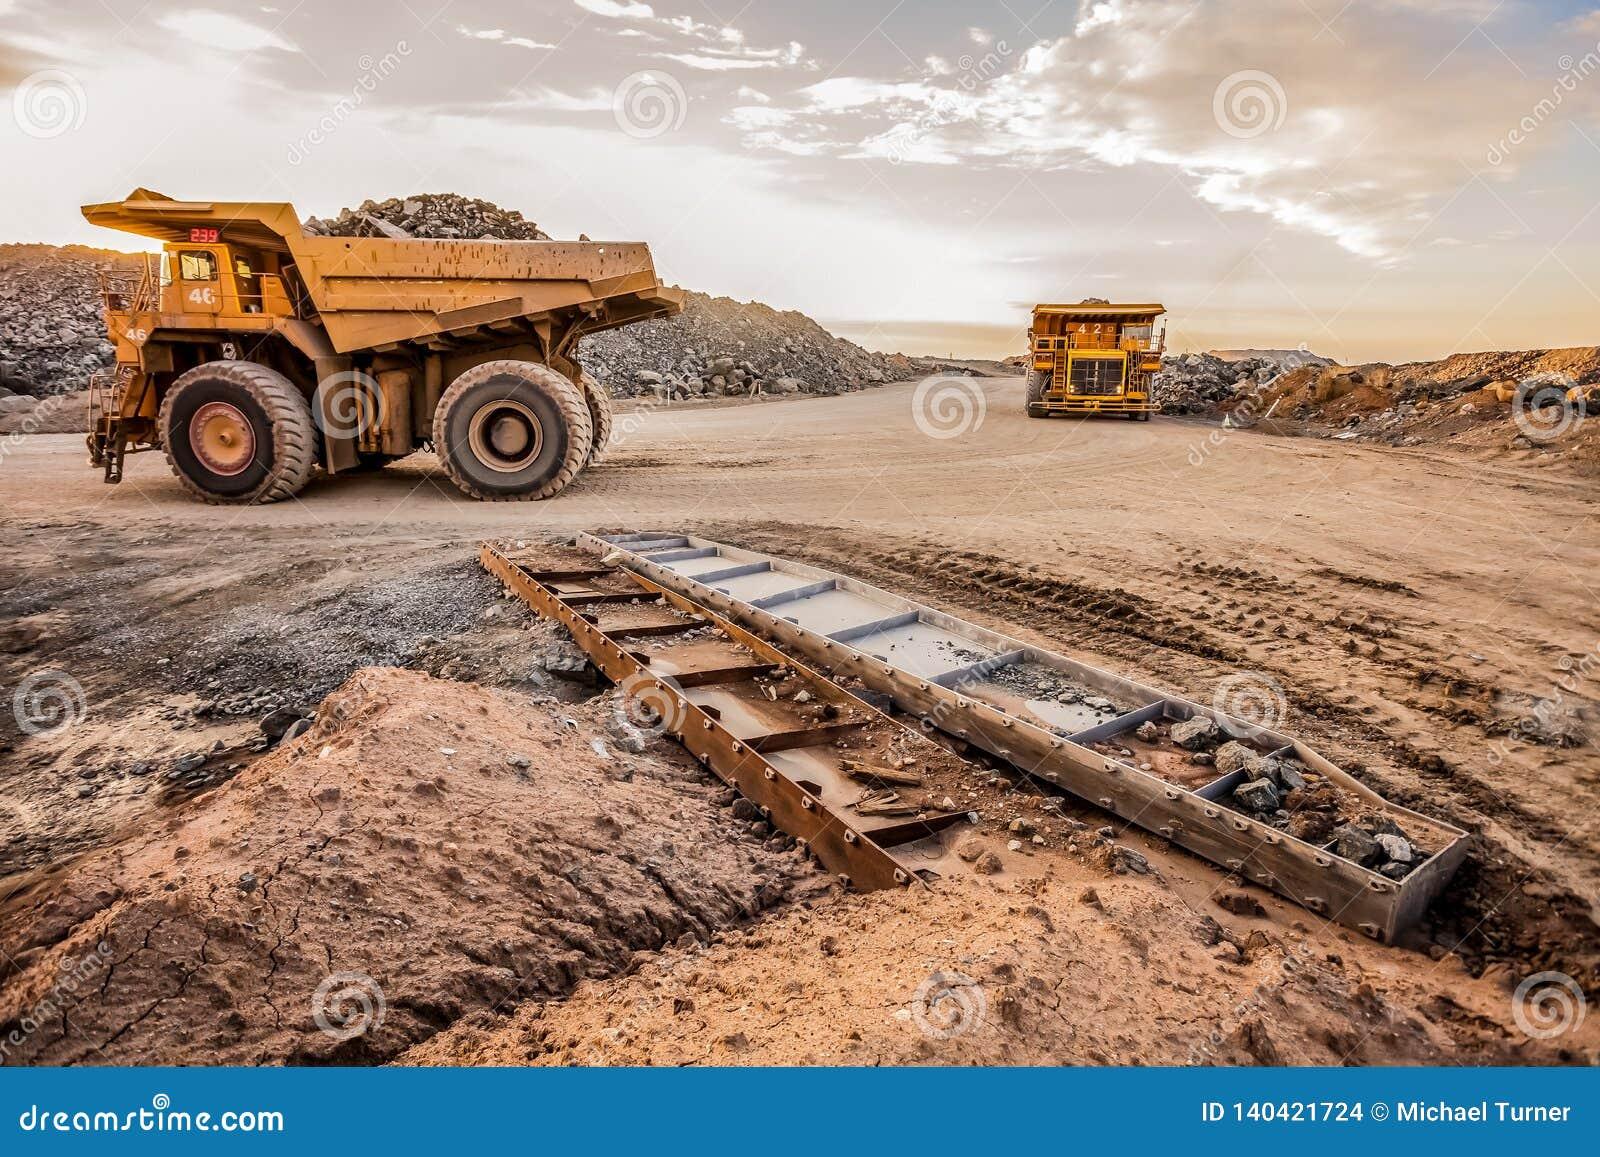 Autocarri con cassone ribaltabile di estrazione mineraria che trasportano il minerale metallifero del platino per elaborare